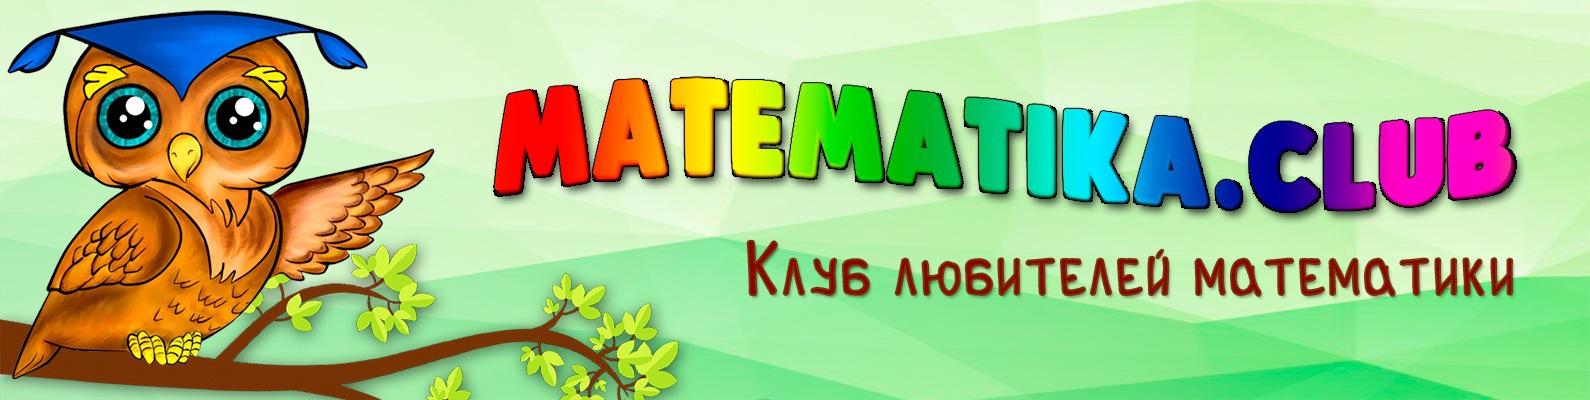 Клуб любителей математики